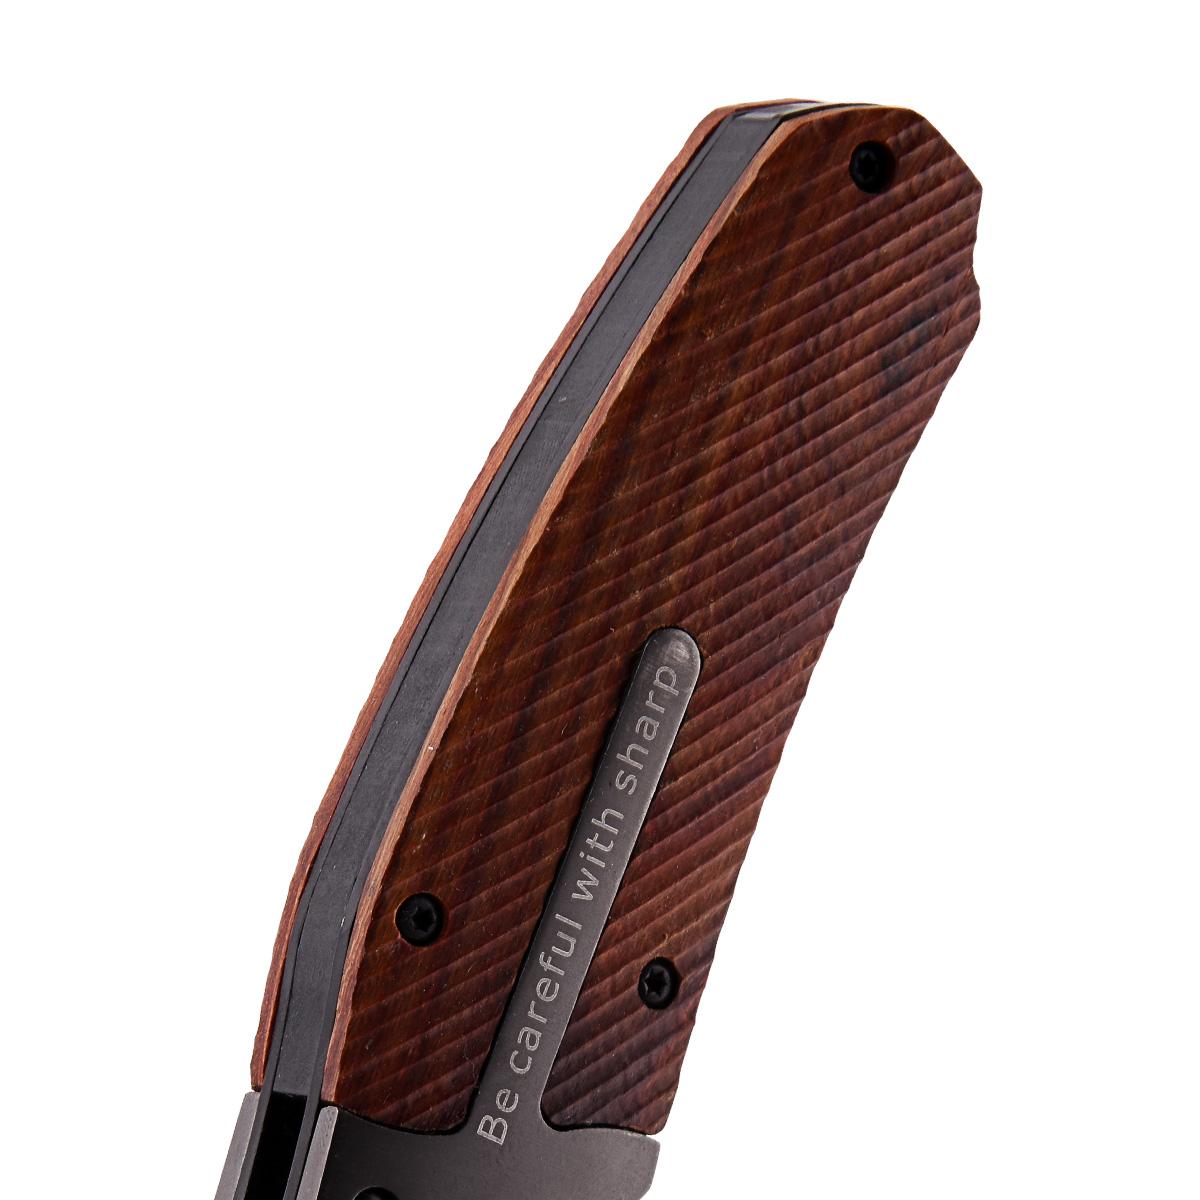 Заказать нож Gerber 349 оптом